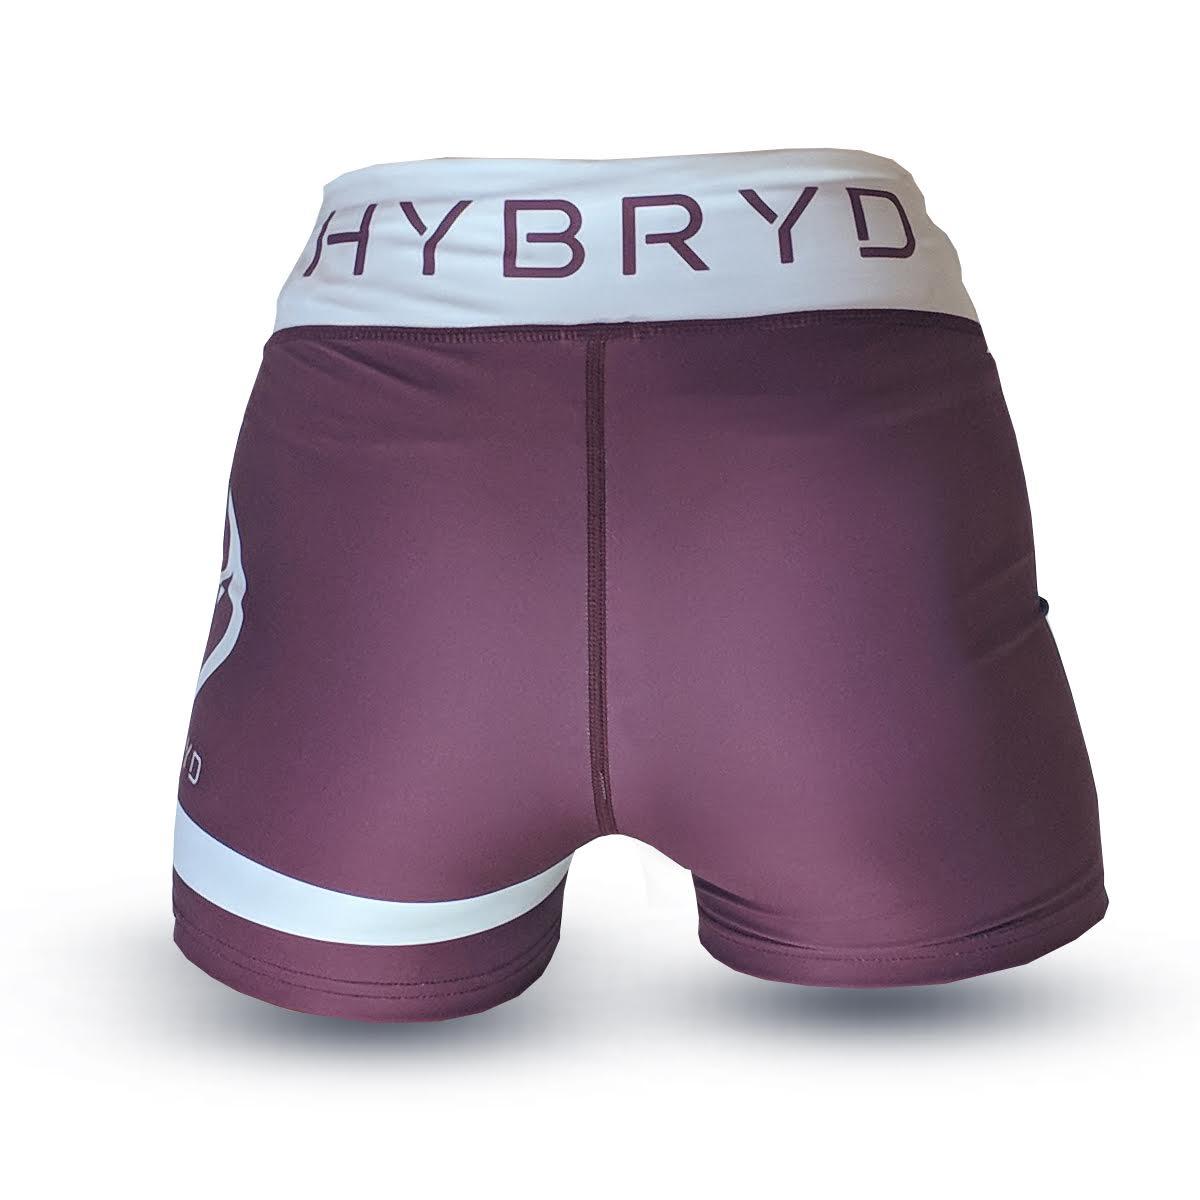 Hybryd Patriot Grapper Short